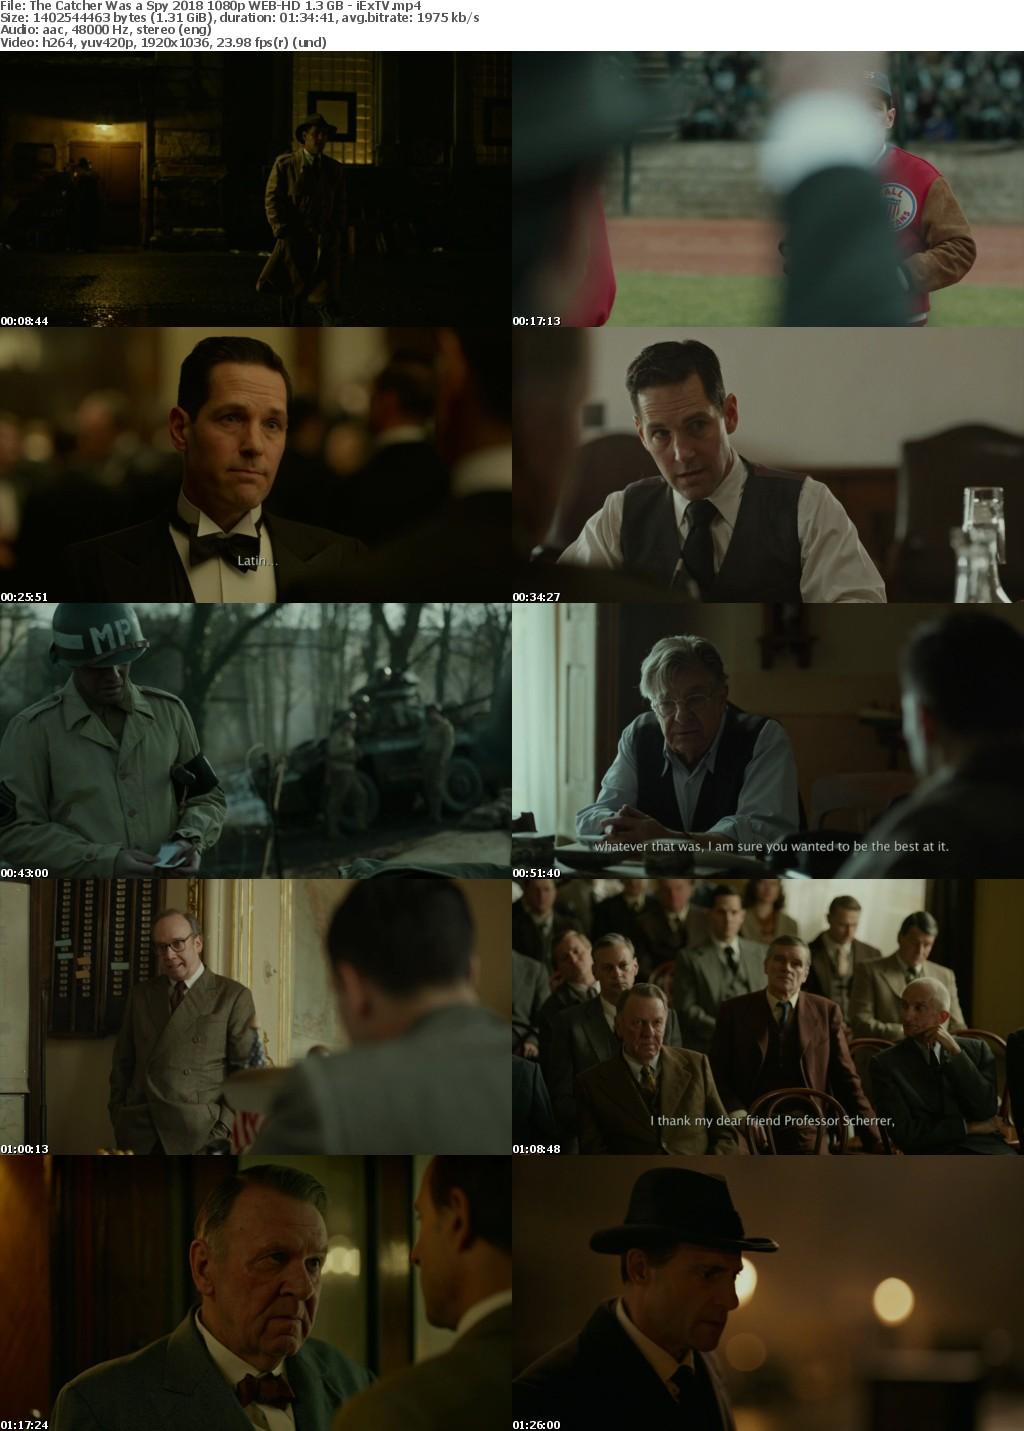 The Catcher Was a Spy (2018) 1080p WEB-HD 1 3 GB - iExTV